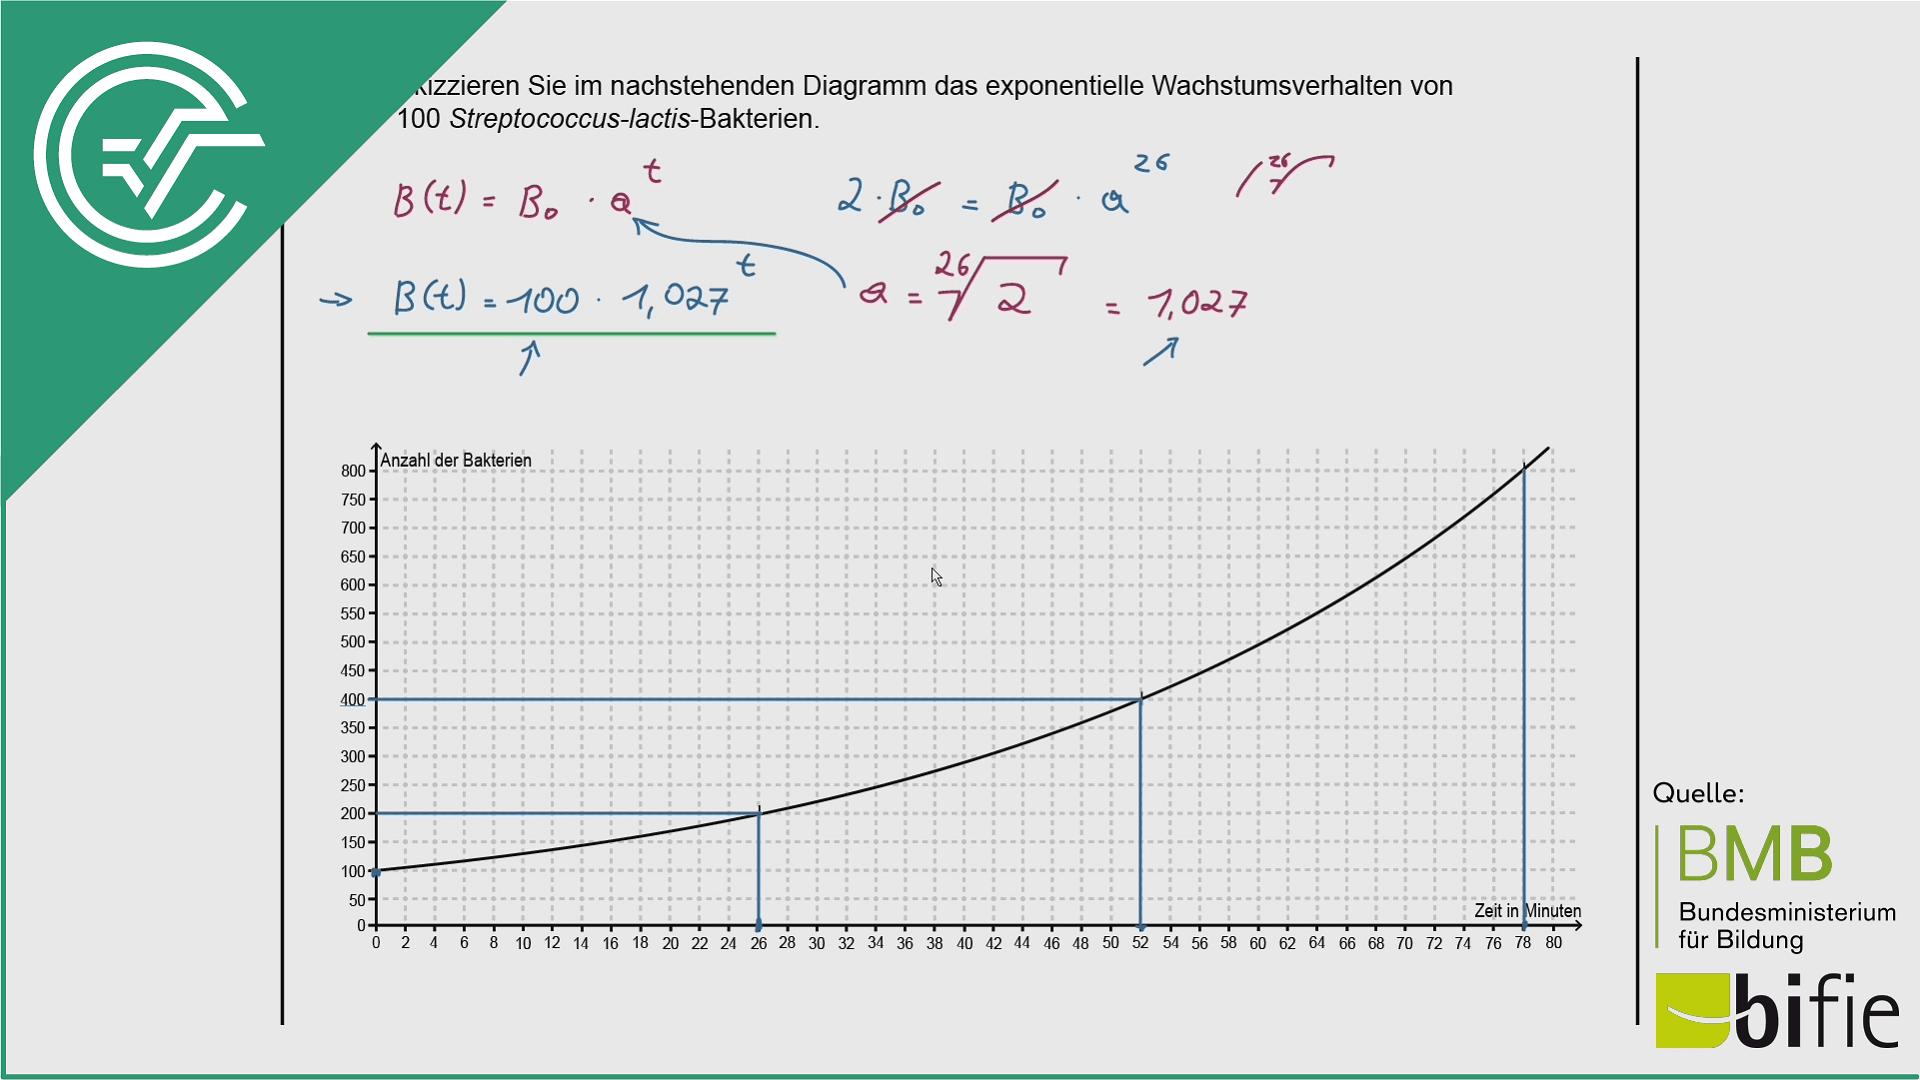 A_234 Verdopplungszeit Bakterien c [Zeichnen]